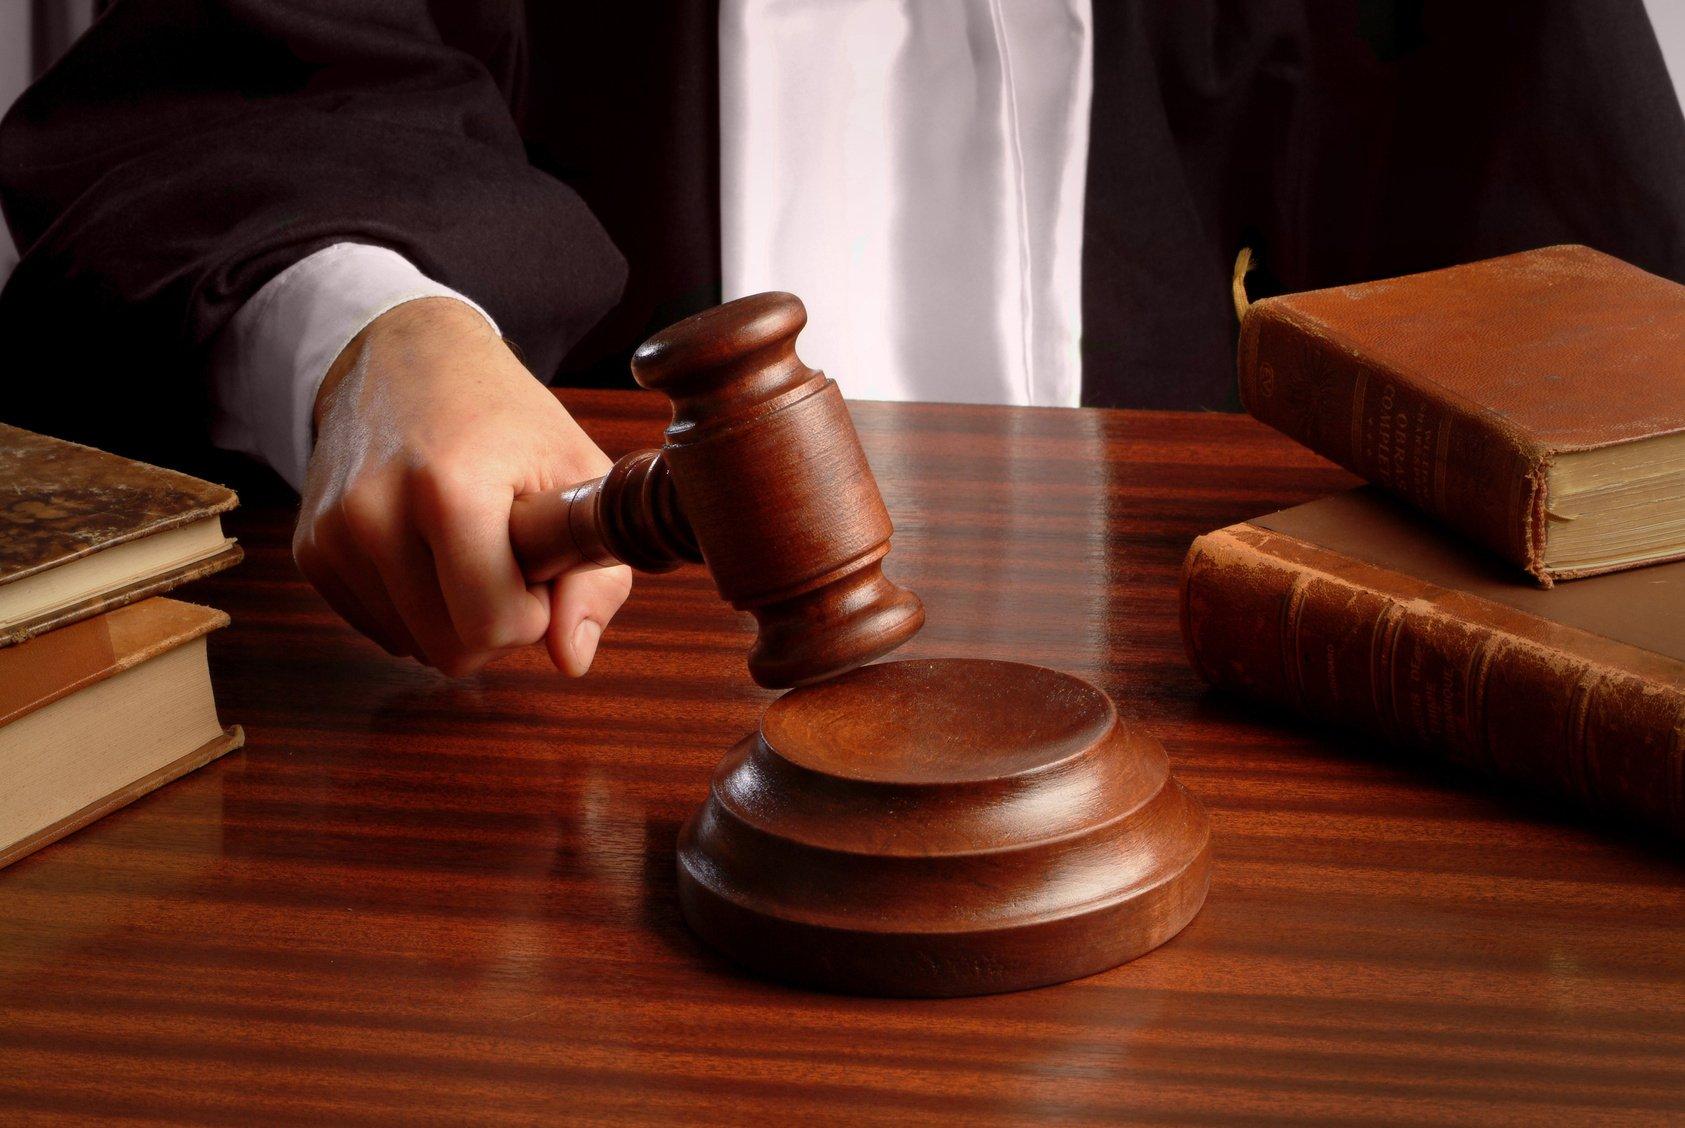 Два года ждали зарплату рабочие, строившие коттедж судье в Актау